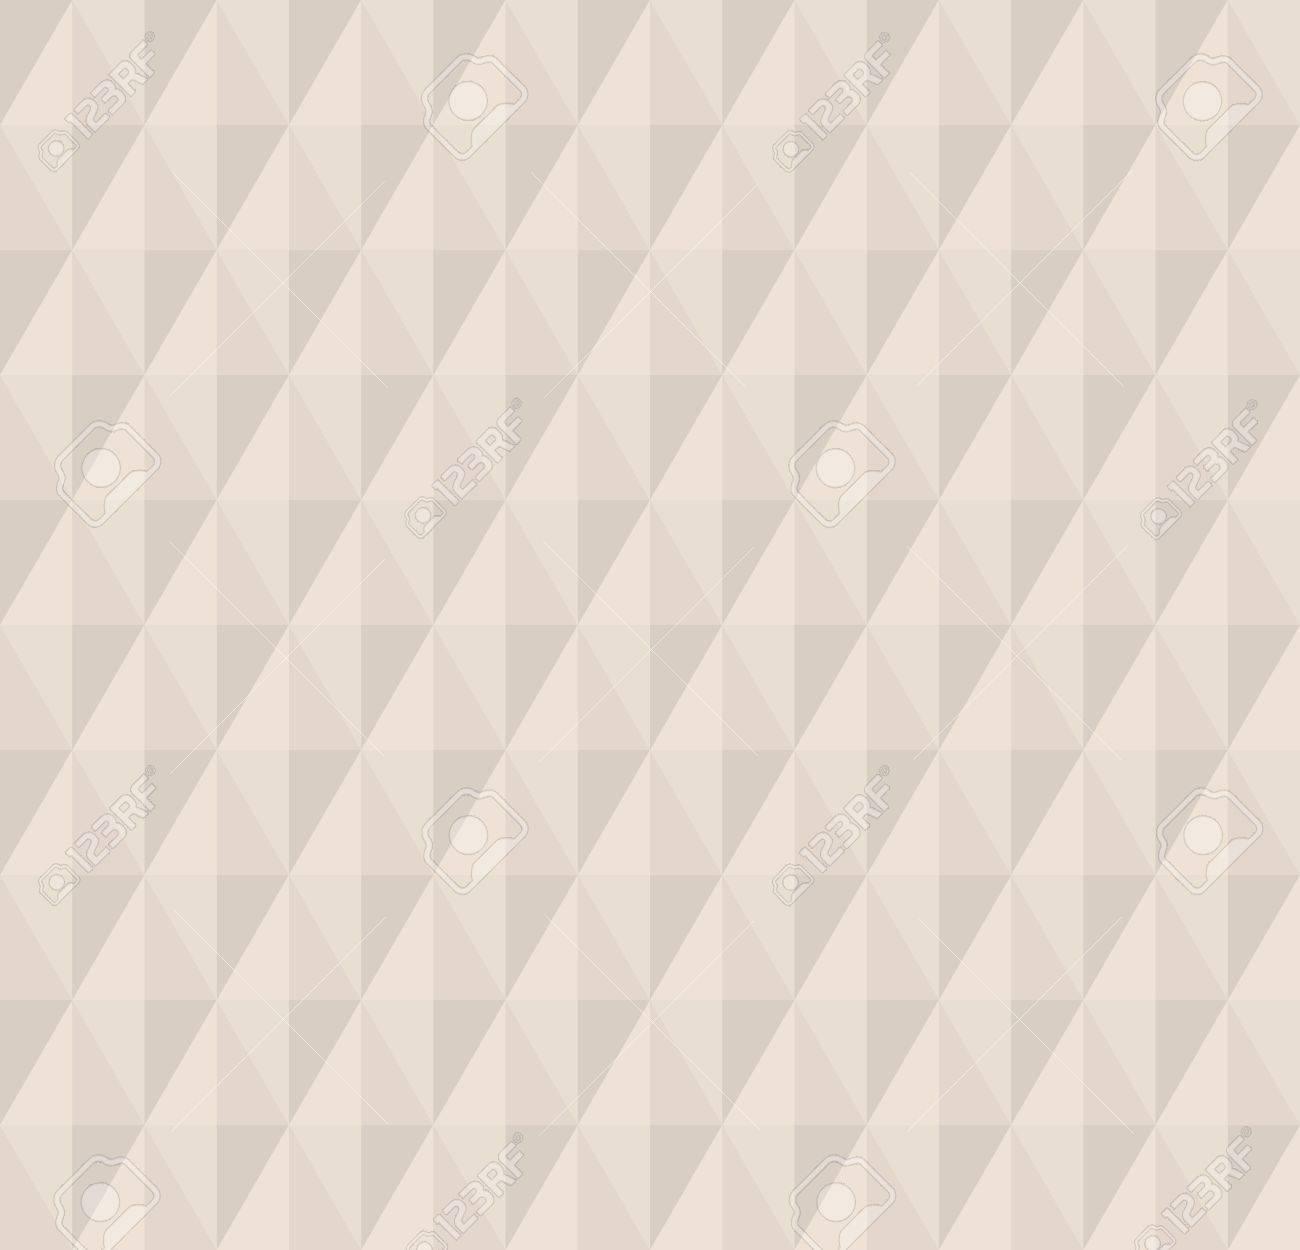 Full Size of Tapeten Geometrischen Abstrakte Muster Mit Feinen Pastellfarben Nahtlose Wohnzimmer Fürs Küche Weiss Esstisch Sofa Holz Landhausküche Bett Für Esstische Wohnzimmer Tapeten Modern